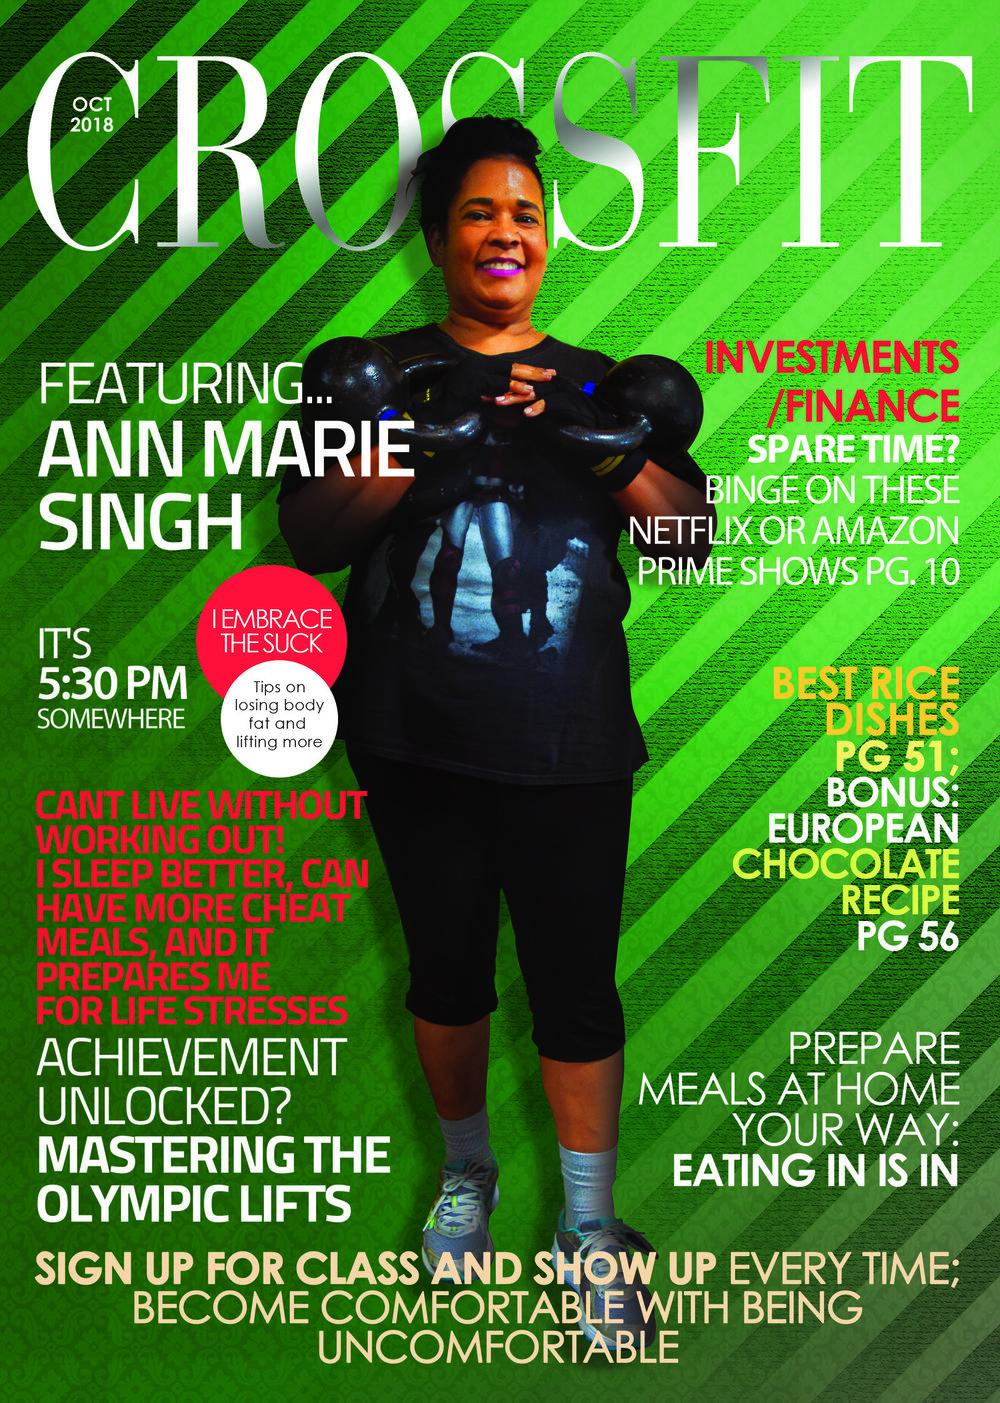 We Love Ann Marie!